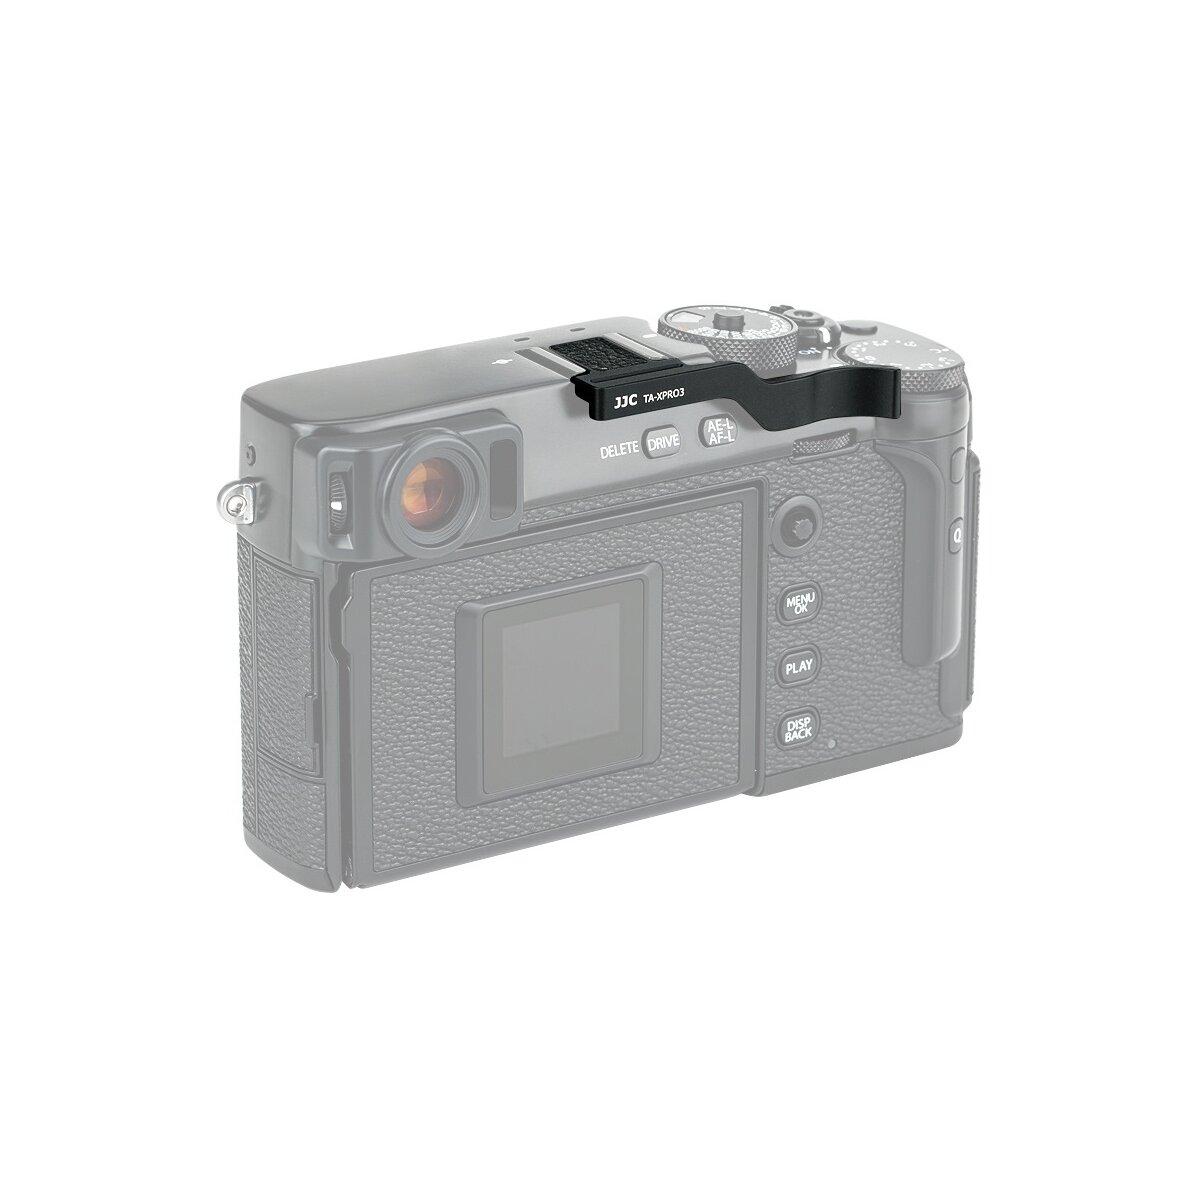 Impulsfoto Thumbs Up Grip   Kompatibel mit Fujifilm X-Pro3, X-Pro2 und X-Pro1   Hoher Komfort und Sicherer Halt   Leicht Zu Installieren   Keine Beeinträchtigung von Bedienelementen TA-XPRO3